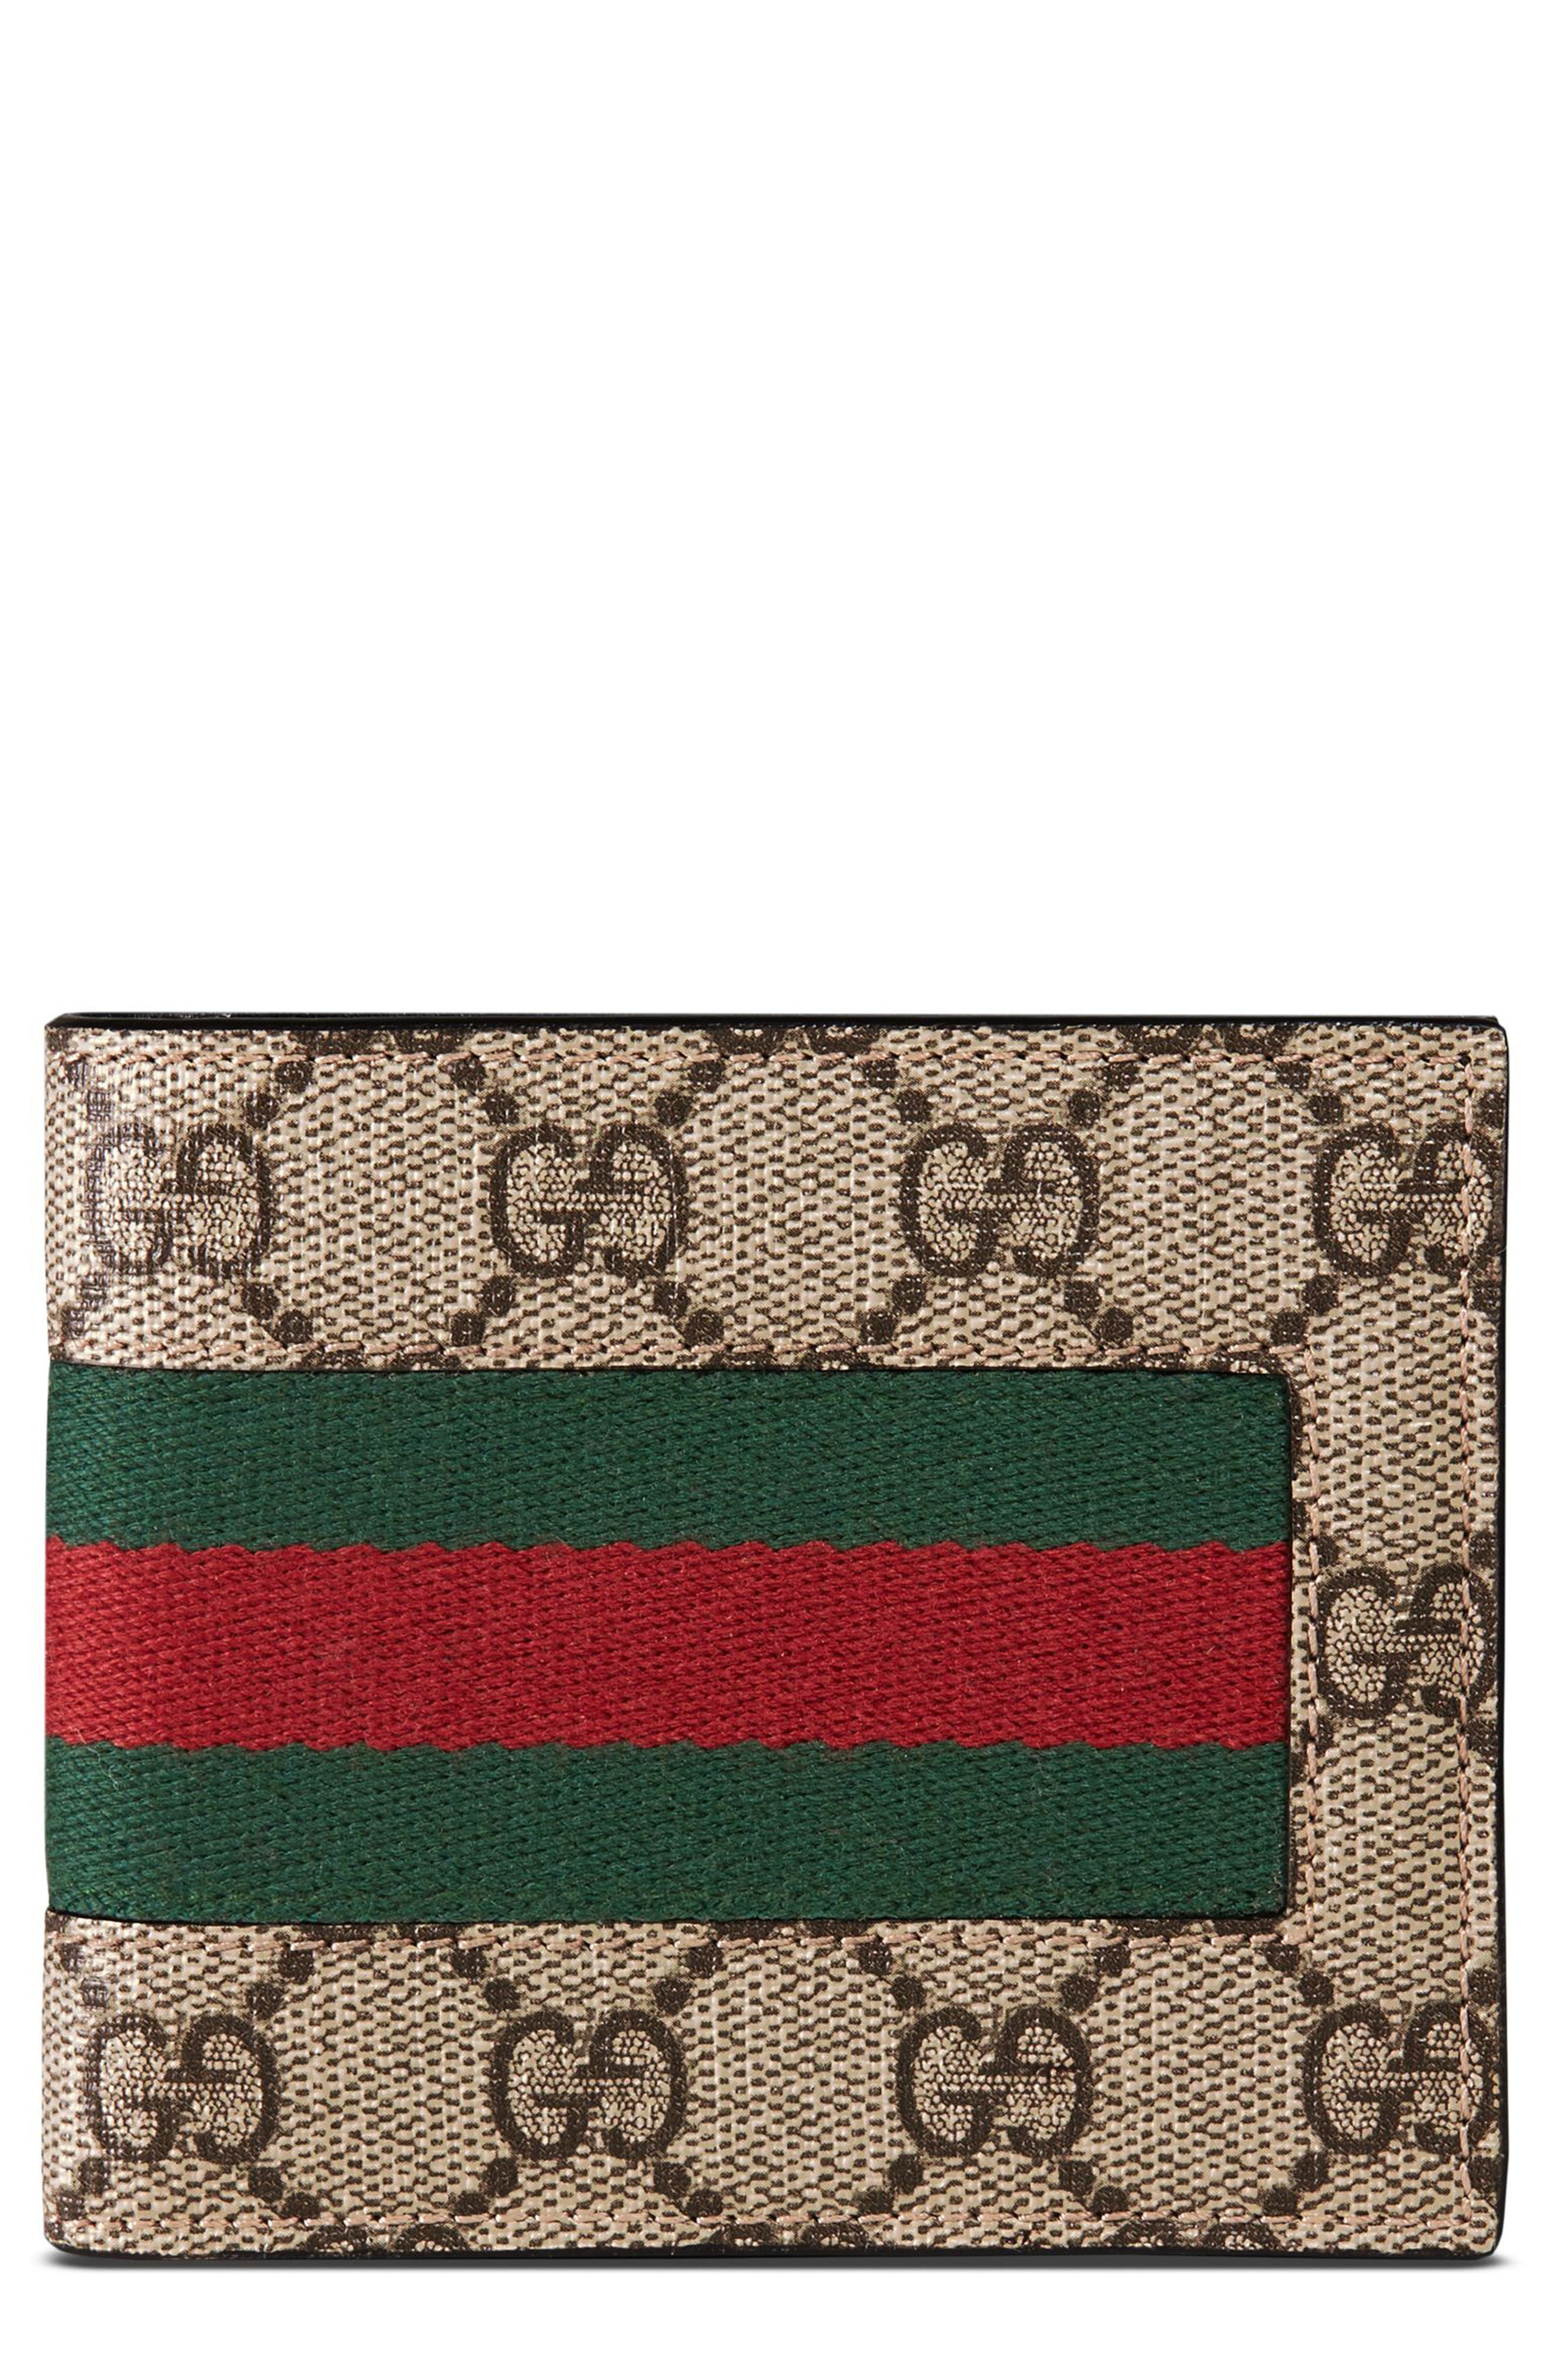 Supreme Wallet,                         Main,                         color, Tan